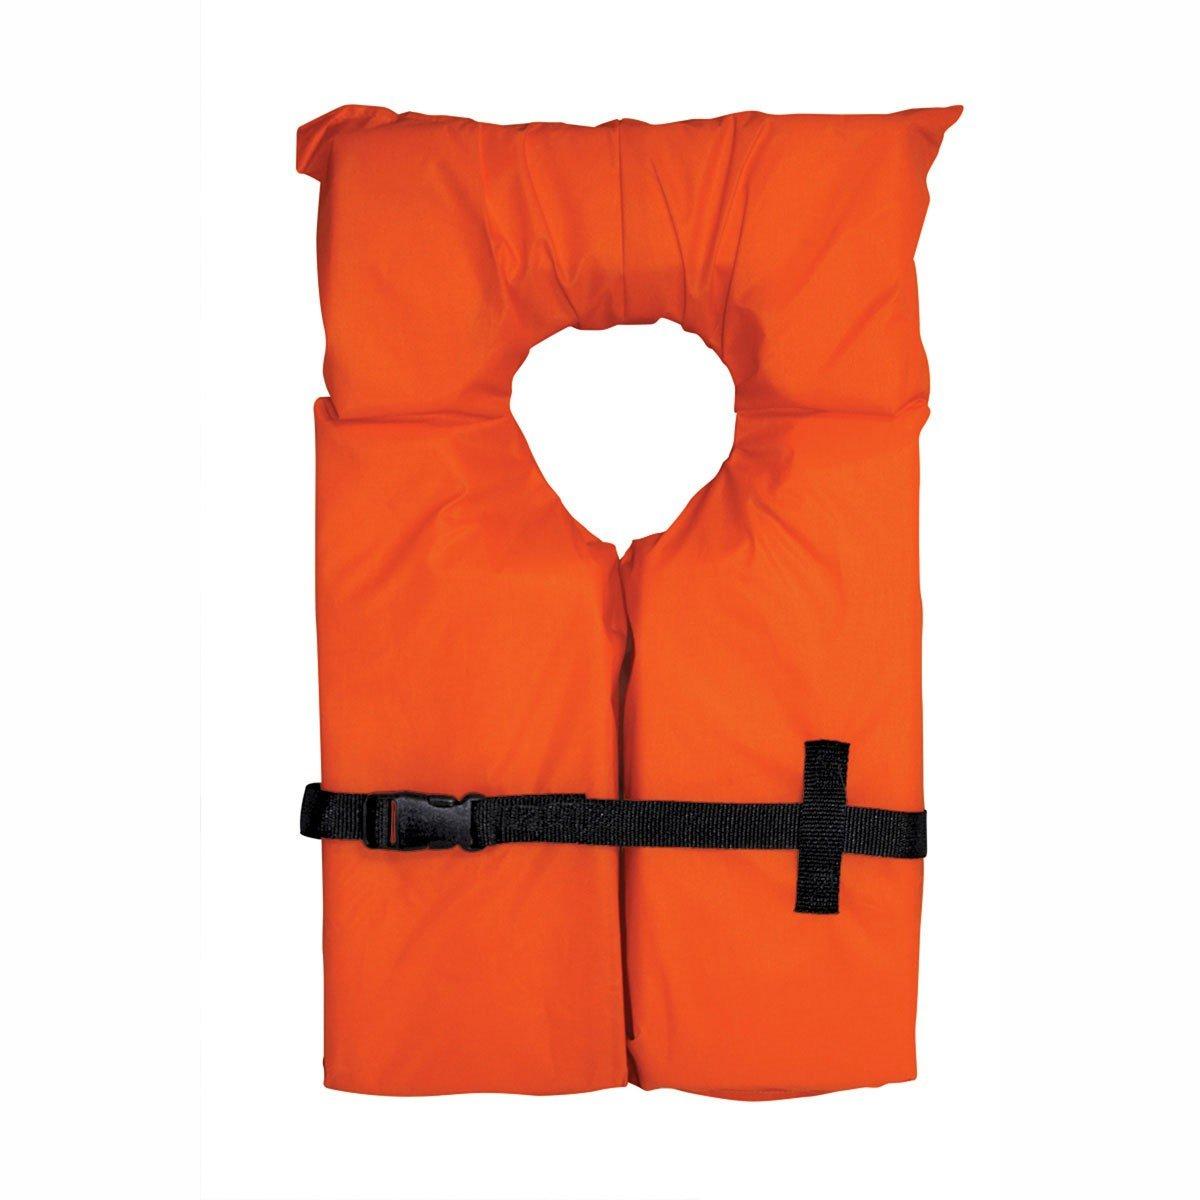 Orange Floatation Vest